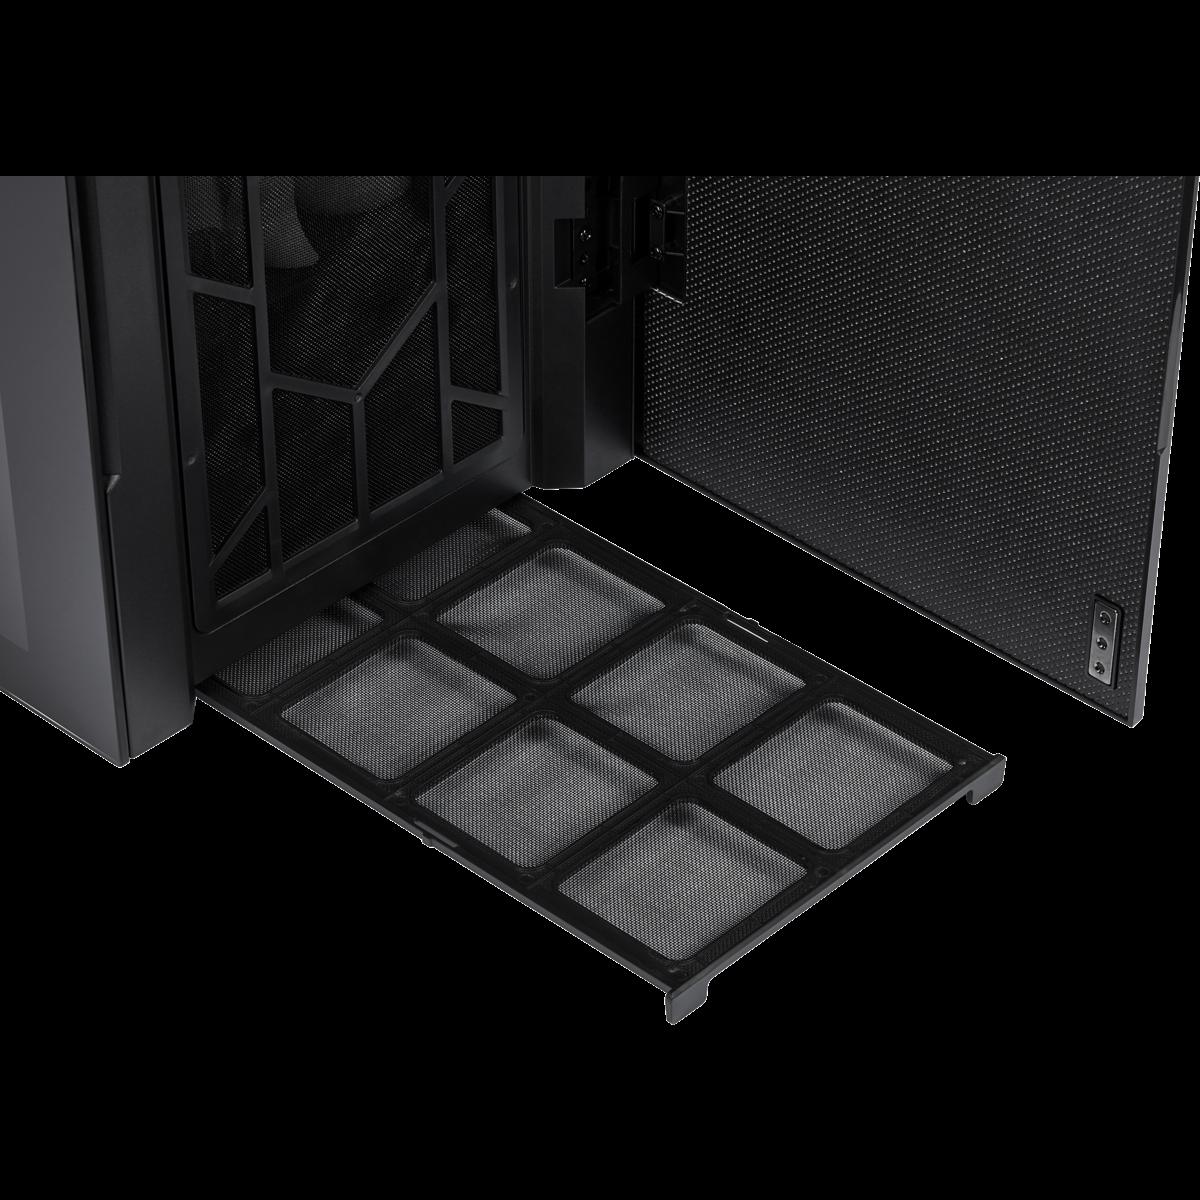 Corsair Carbide Series 678C Low Noise Black